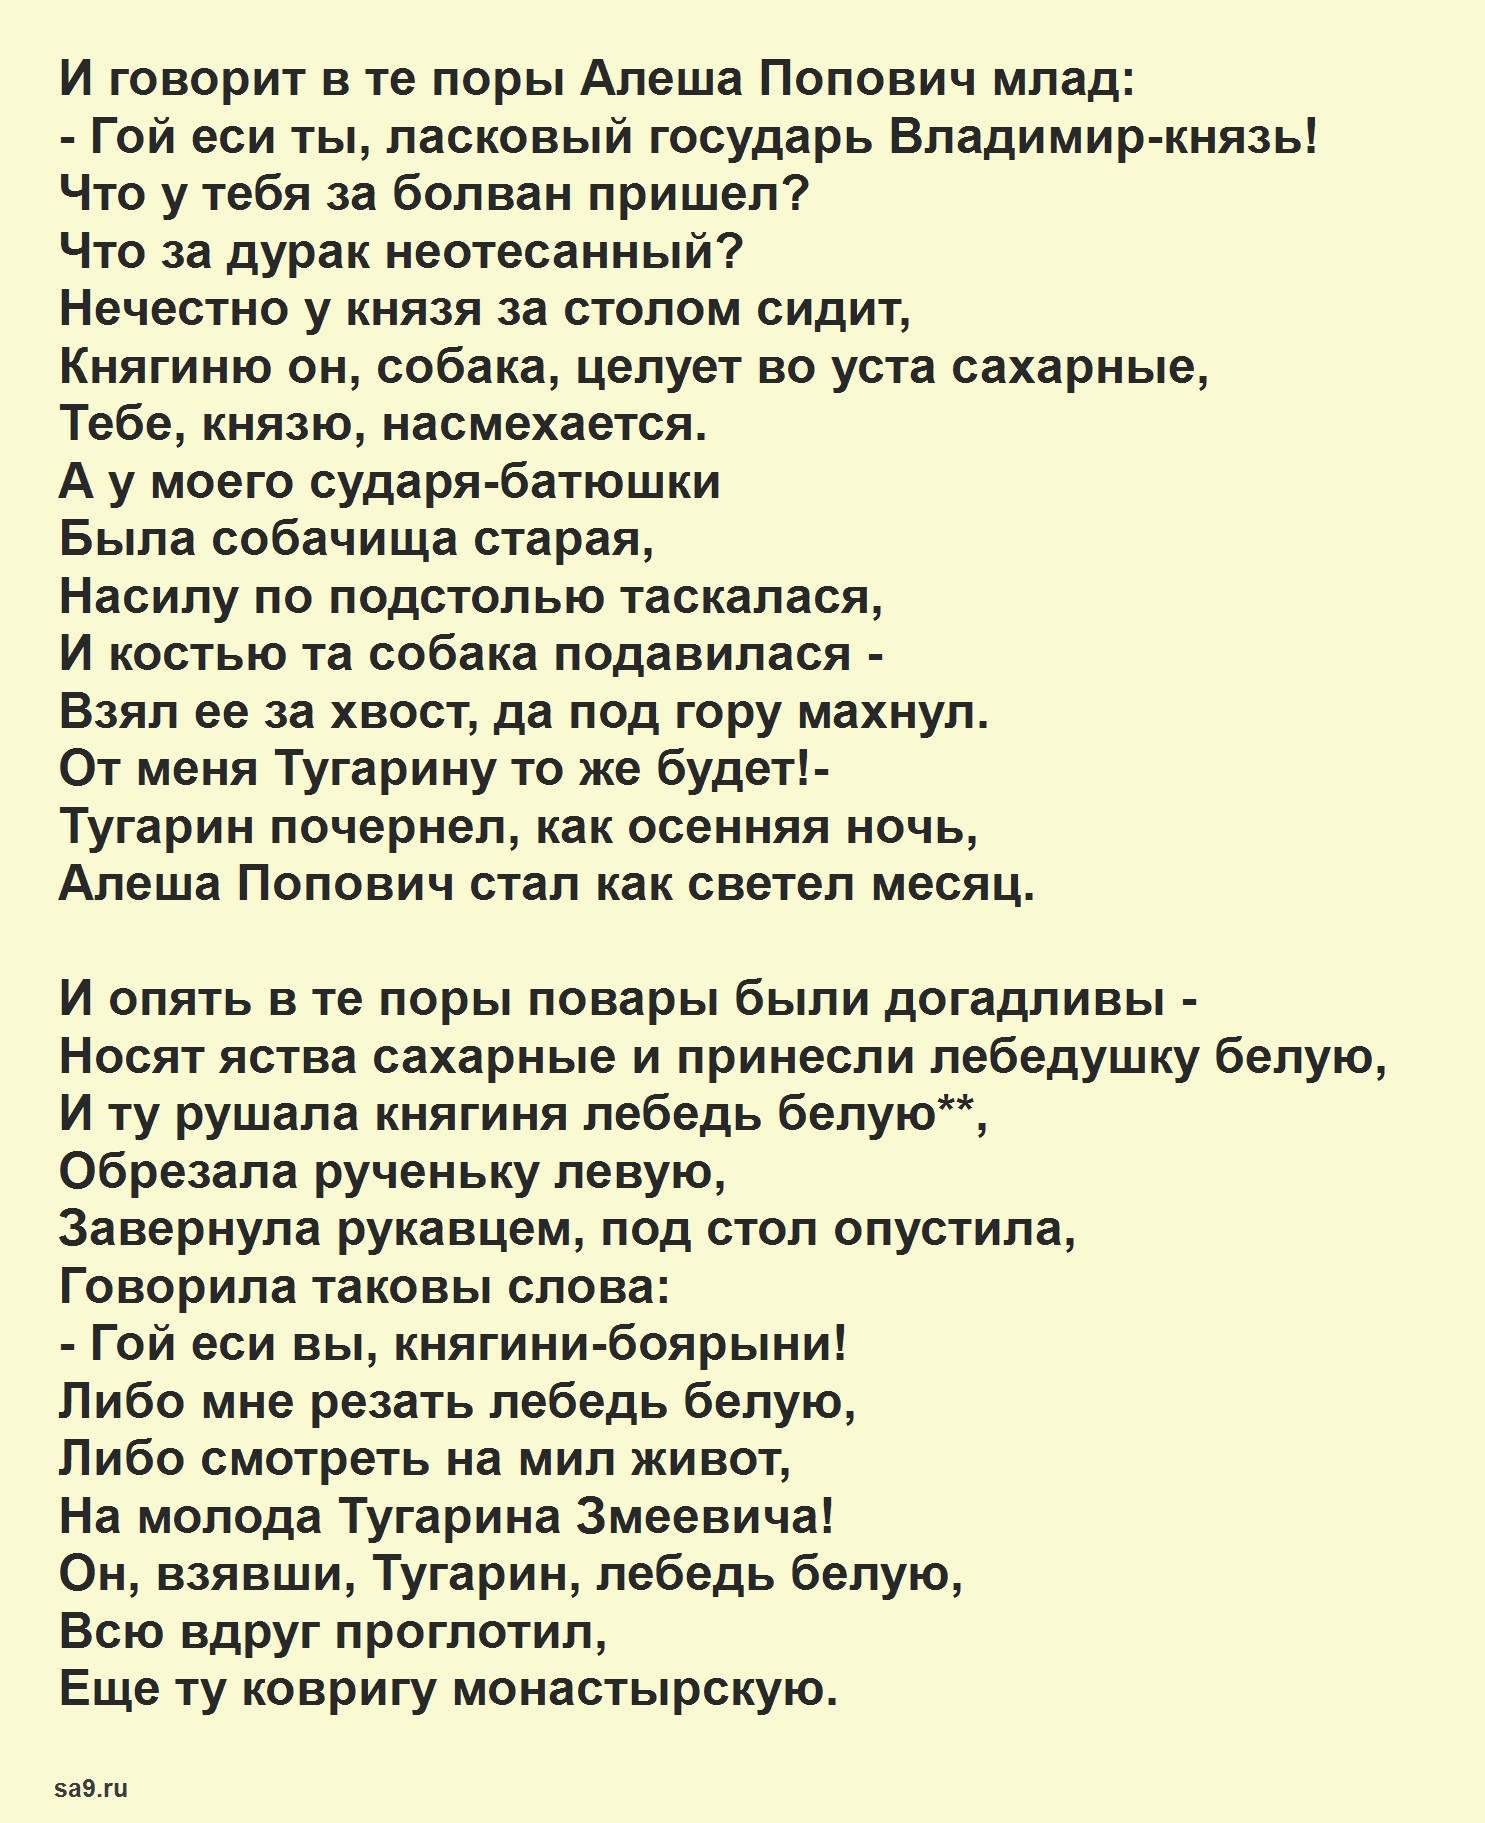 Русская народная былина - Алеша Попович и Тугарин Змеевич